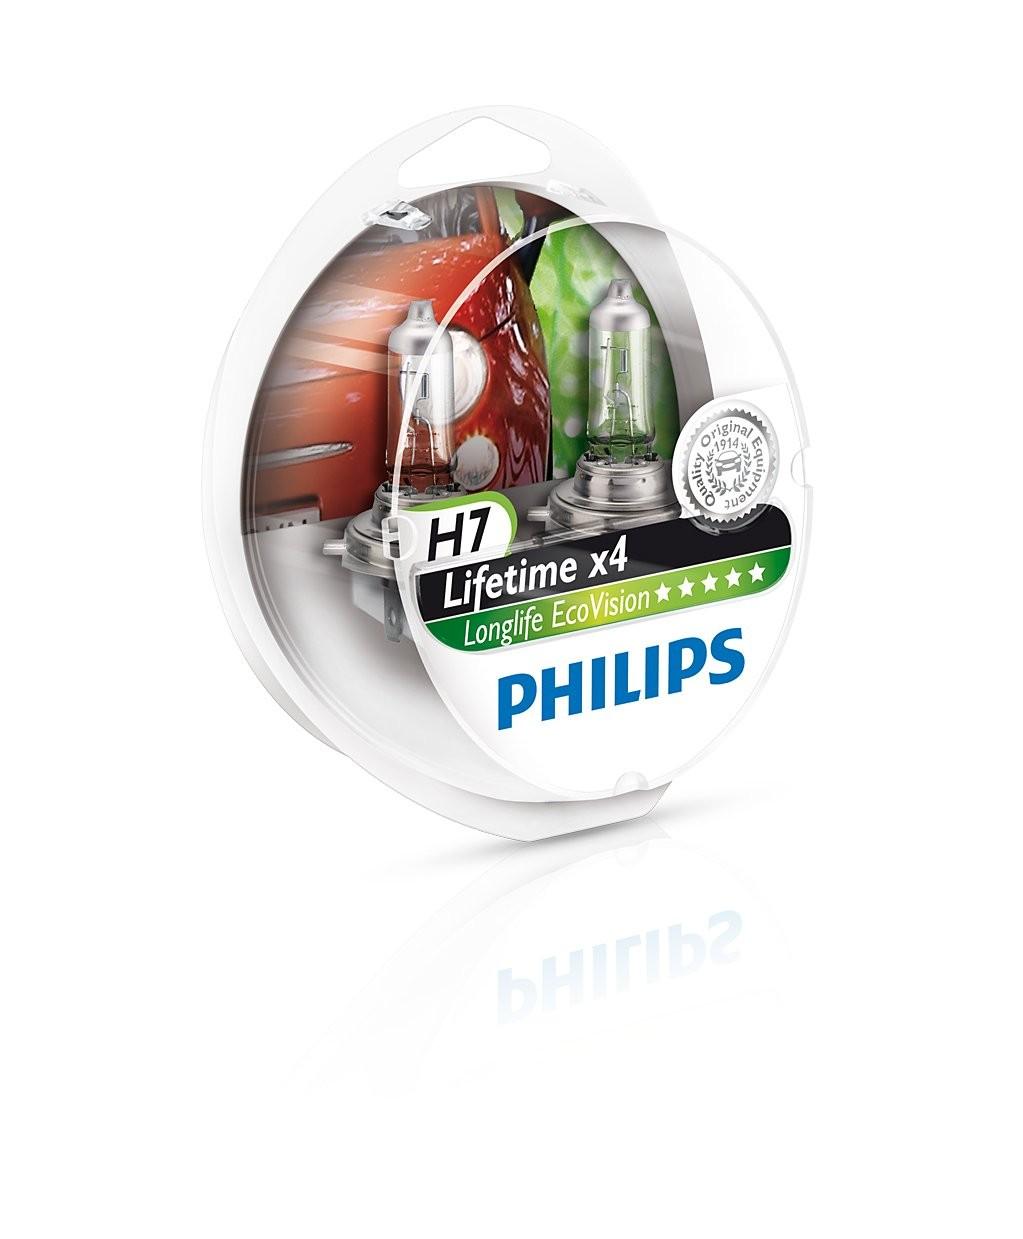 Philips lemputės Longlife Ecovision H7